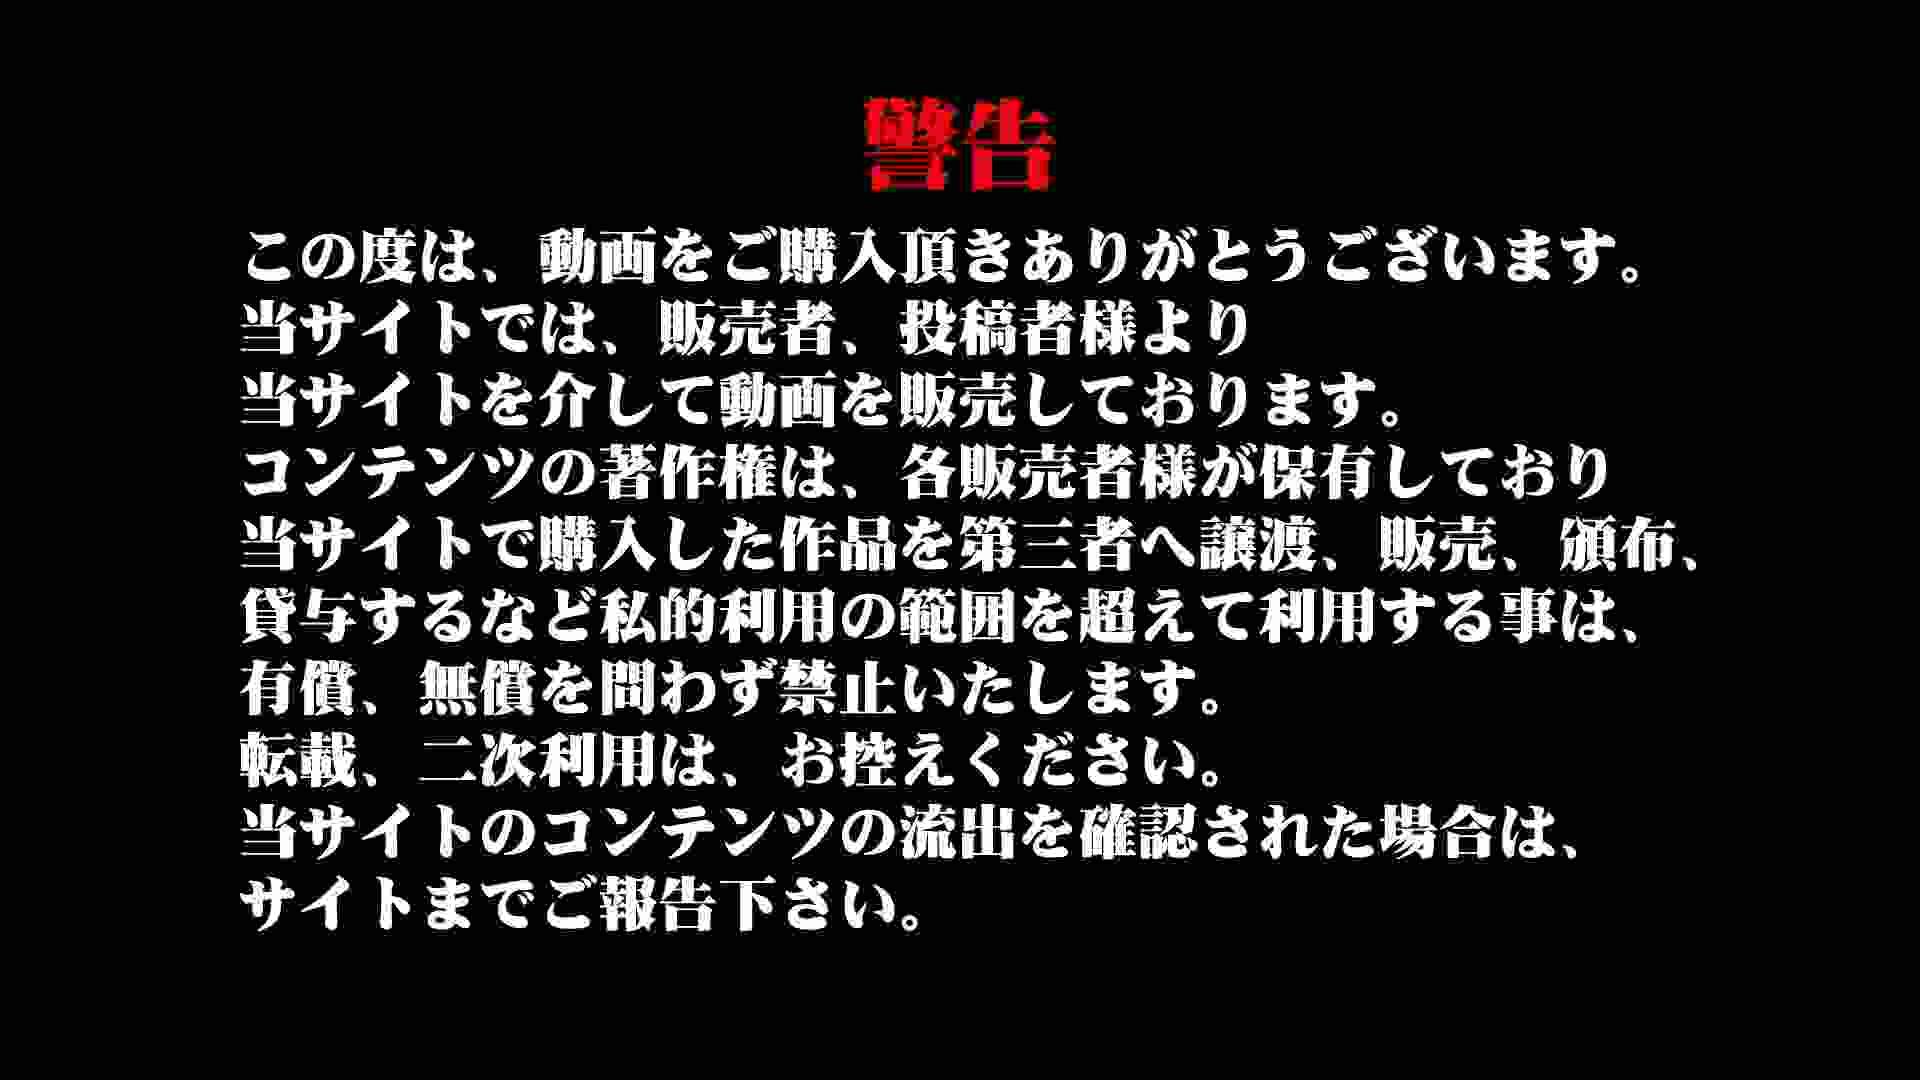 Aquaな露天風呂Vol.919 綺麗なOLたち おまんこ無修正動画無料 65枚 2